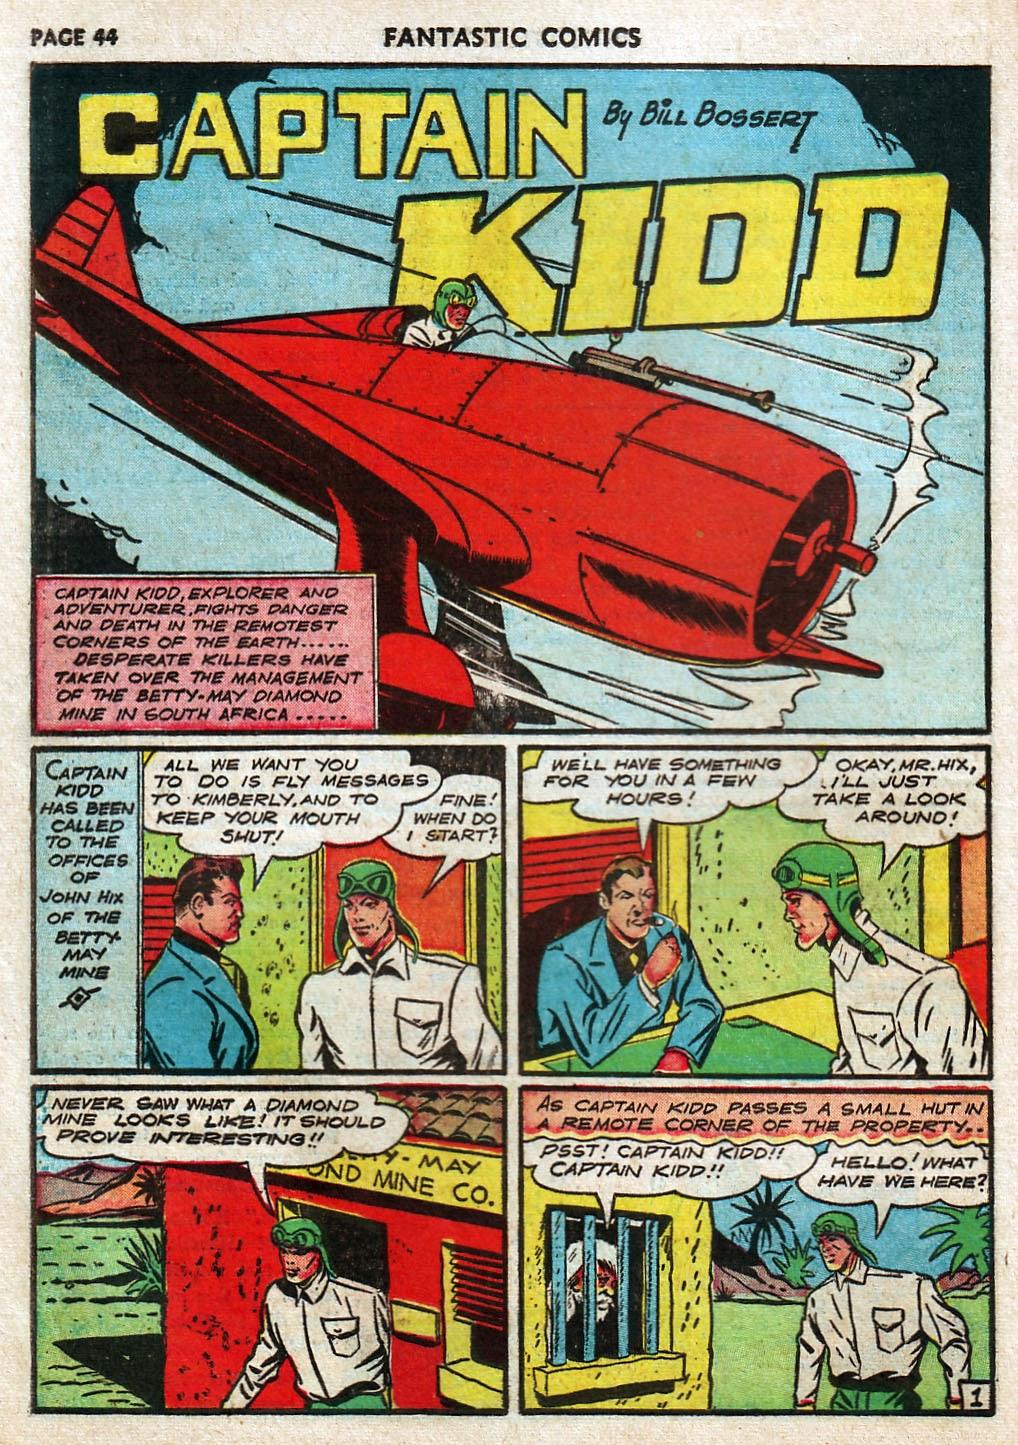 Read online Fantastic Comics comic -  Issue #17 - 45